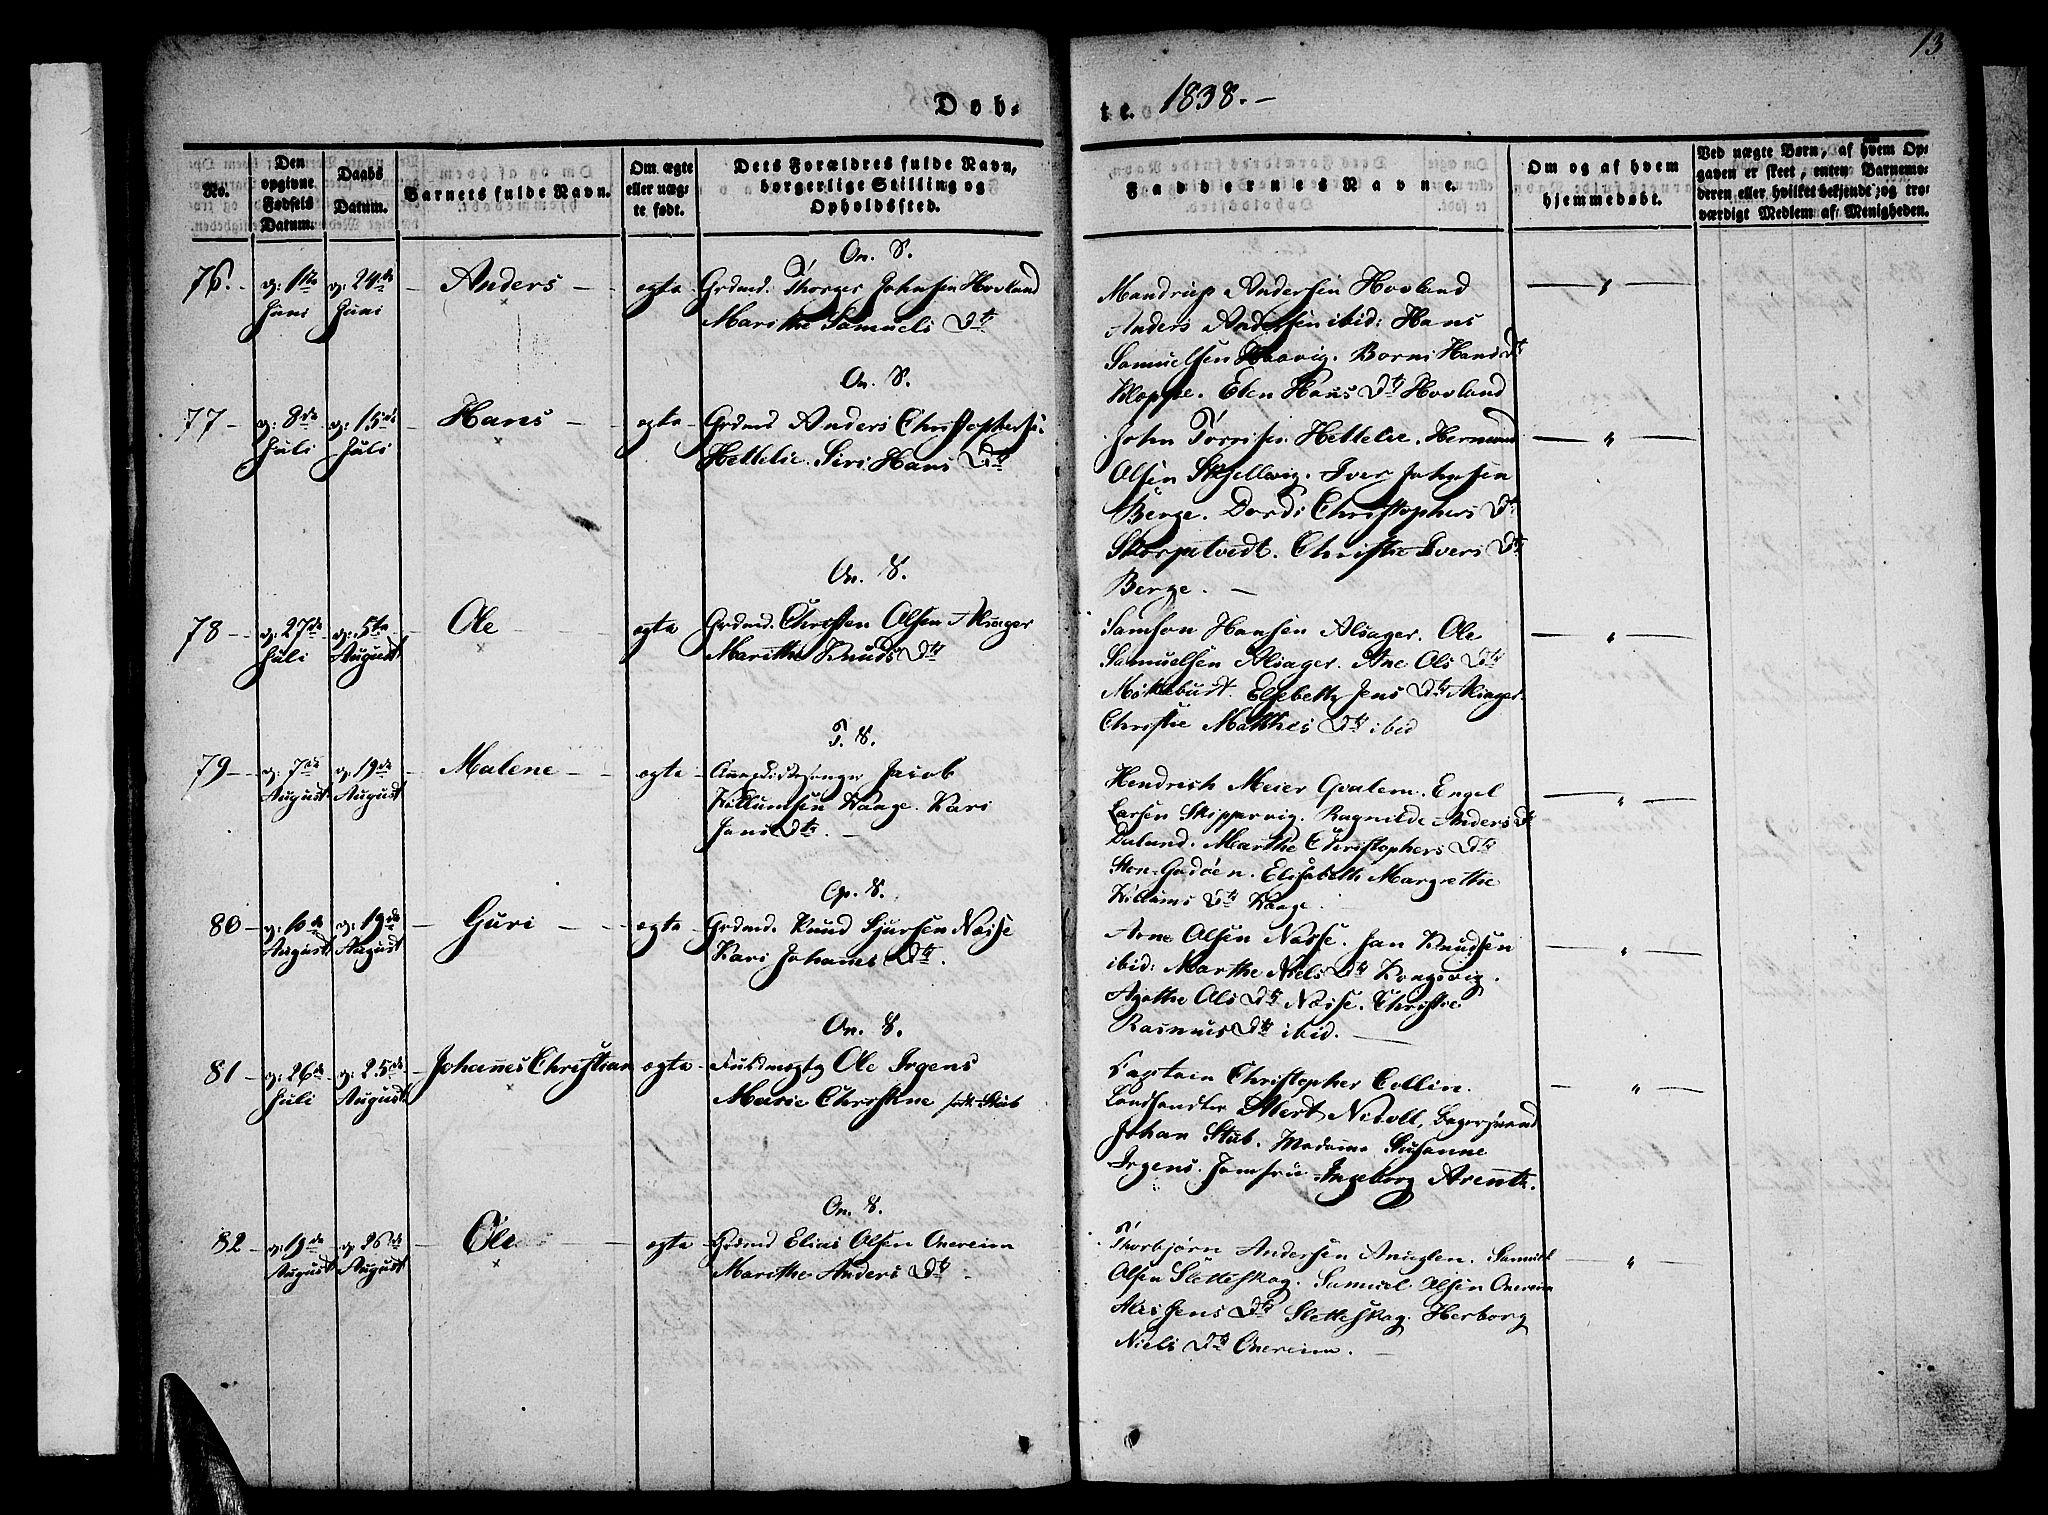 SAB, Tysnes sokneprestembete, H/Haa: Ministerialbok nr. A 9, 1837-1848, s. 13